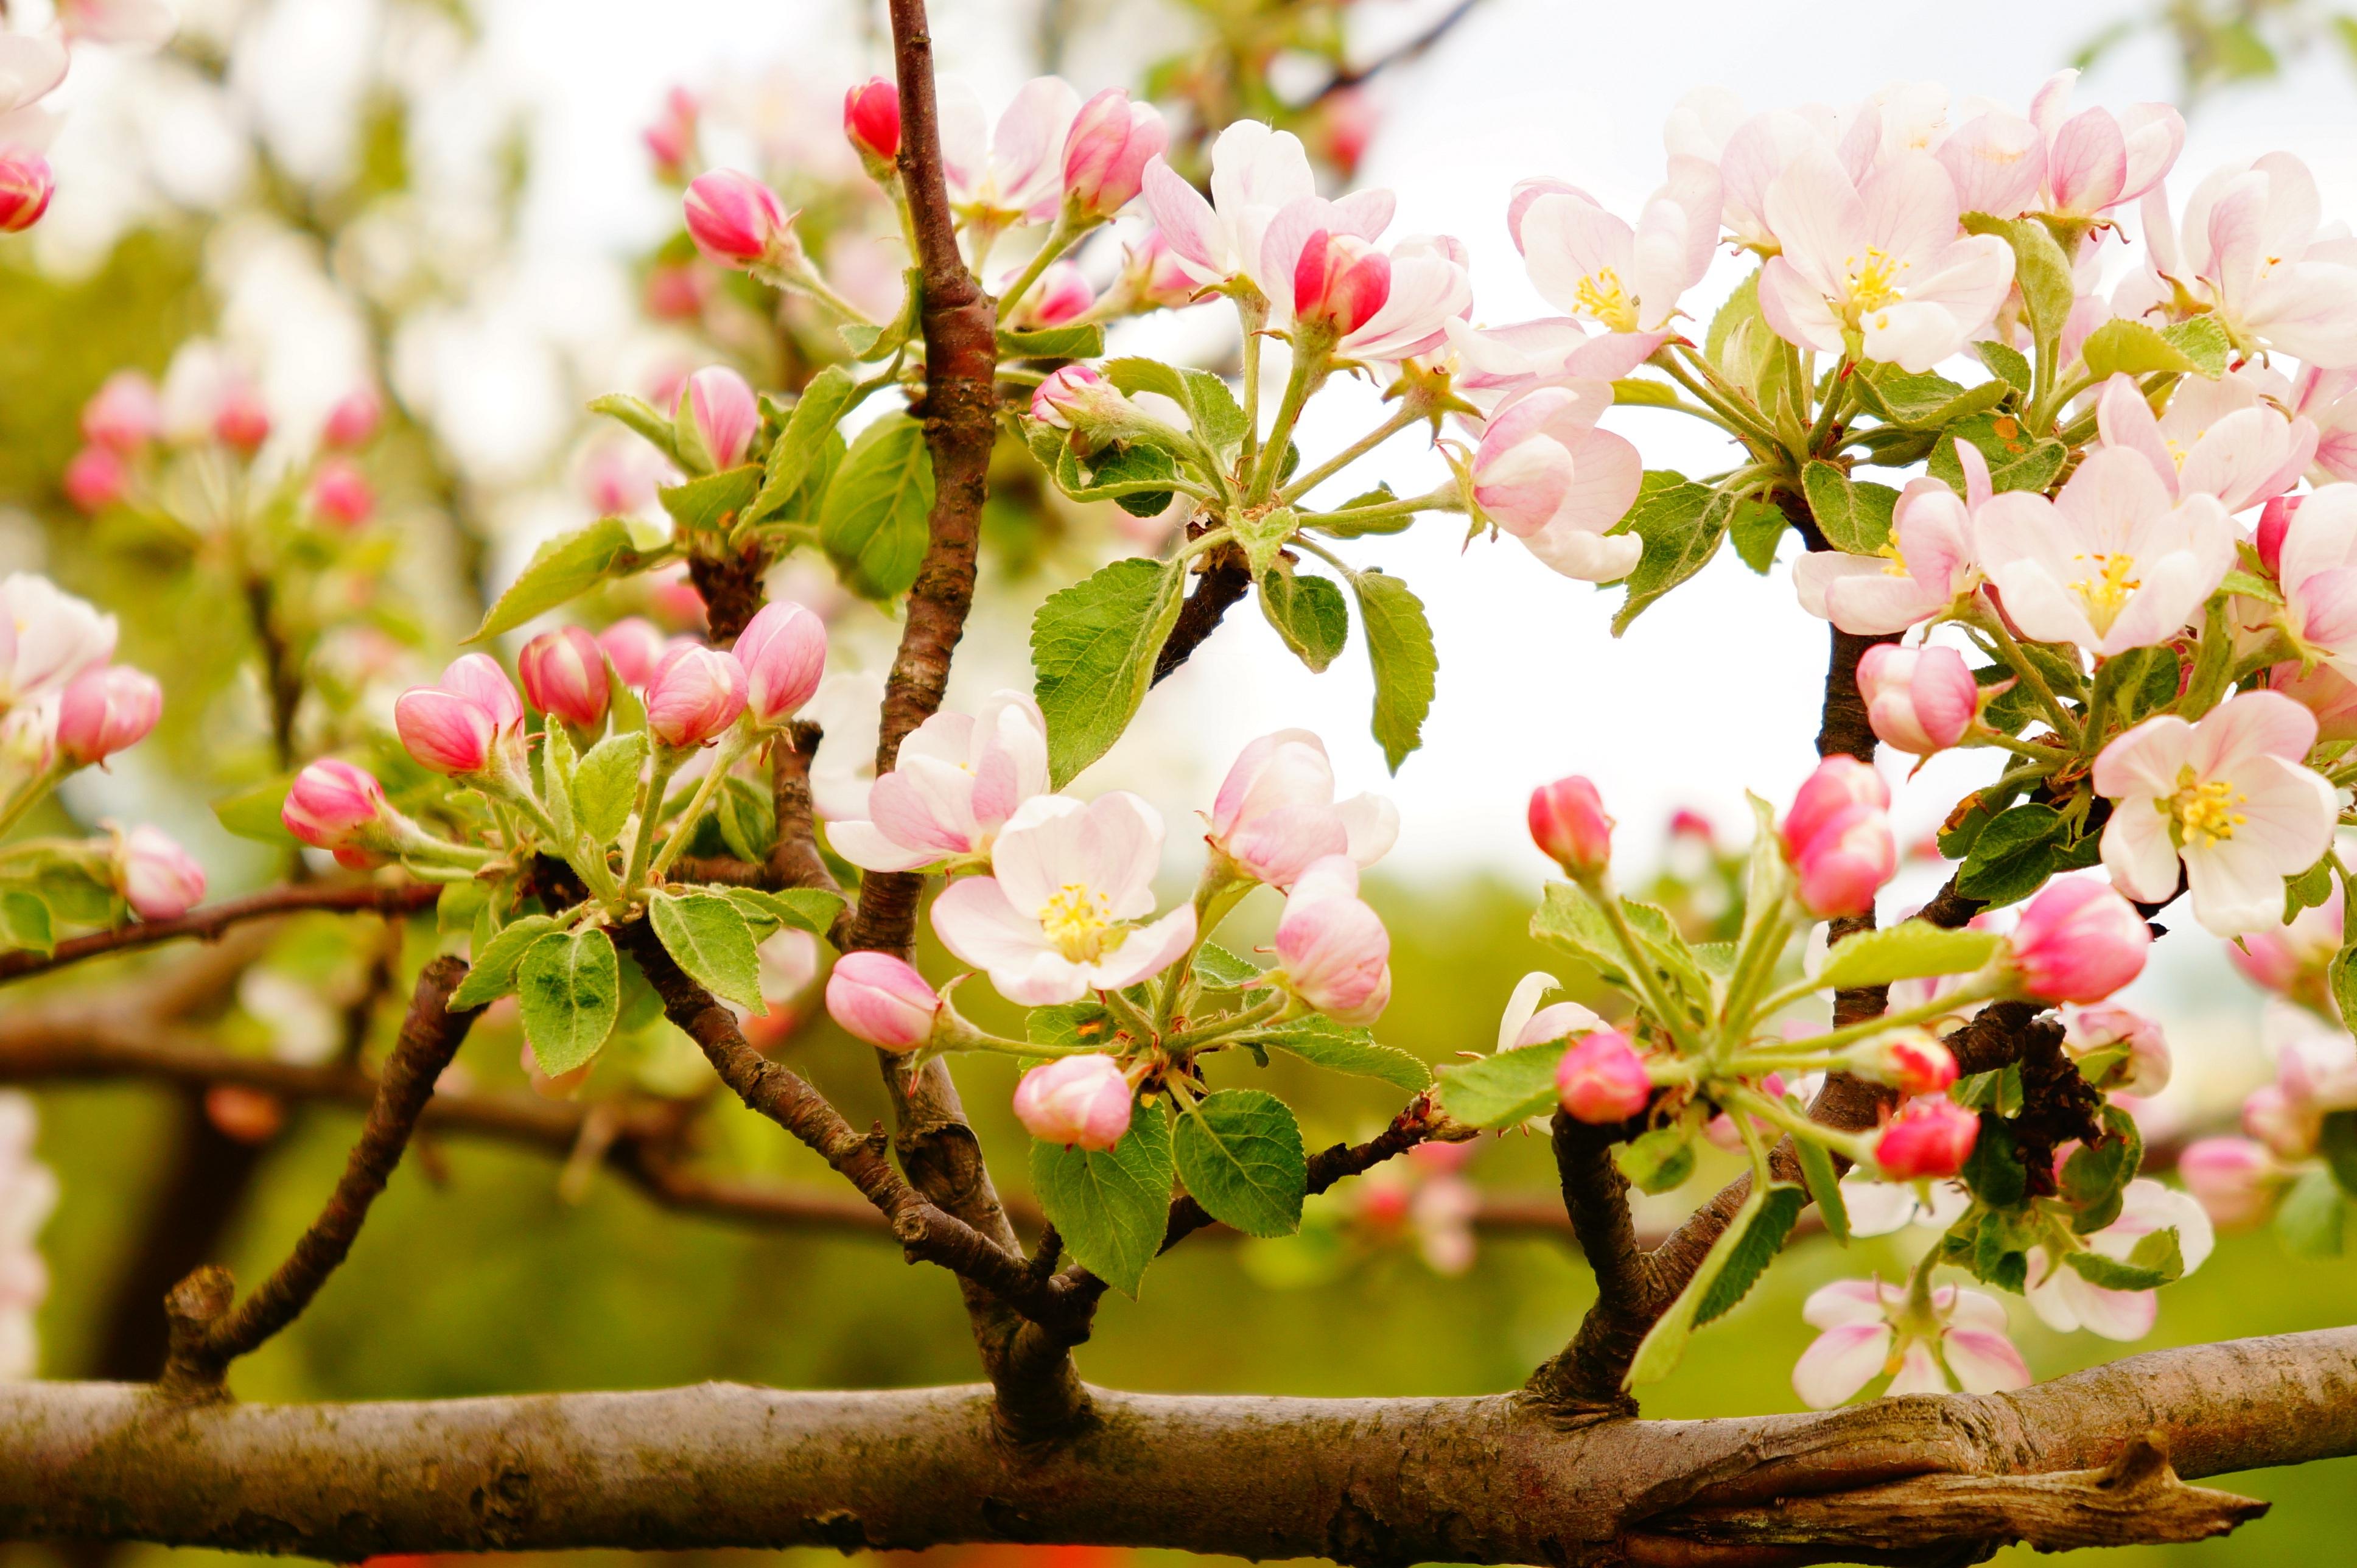 удара было, фотографии цветущих фруктовых деревьев позволяет одним